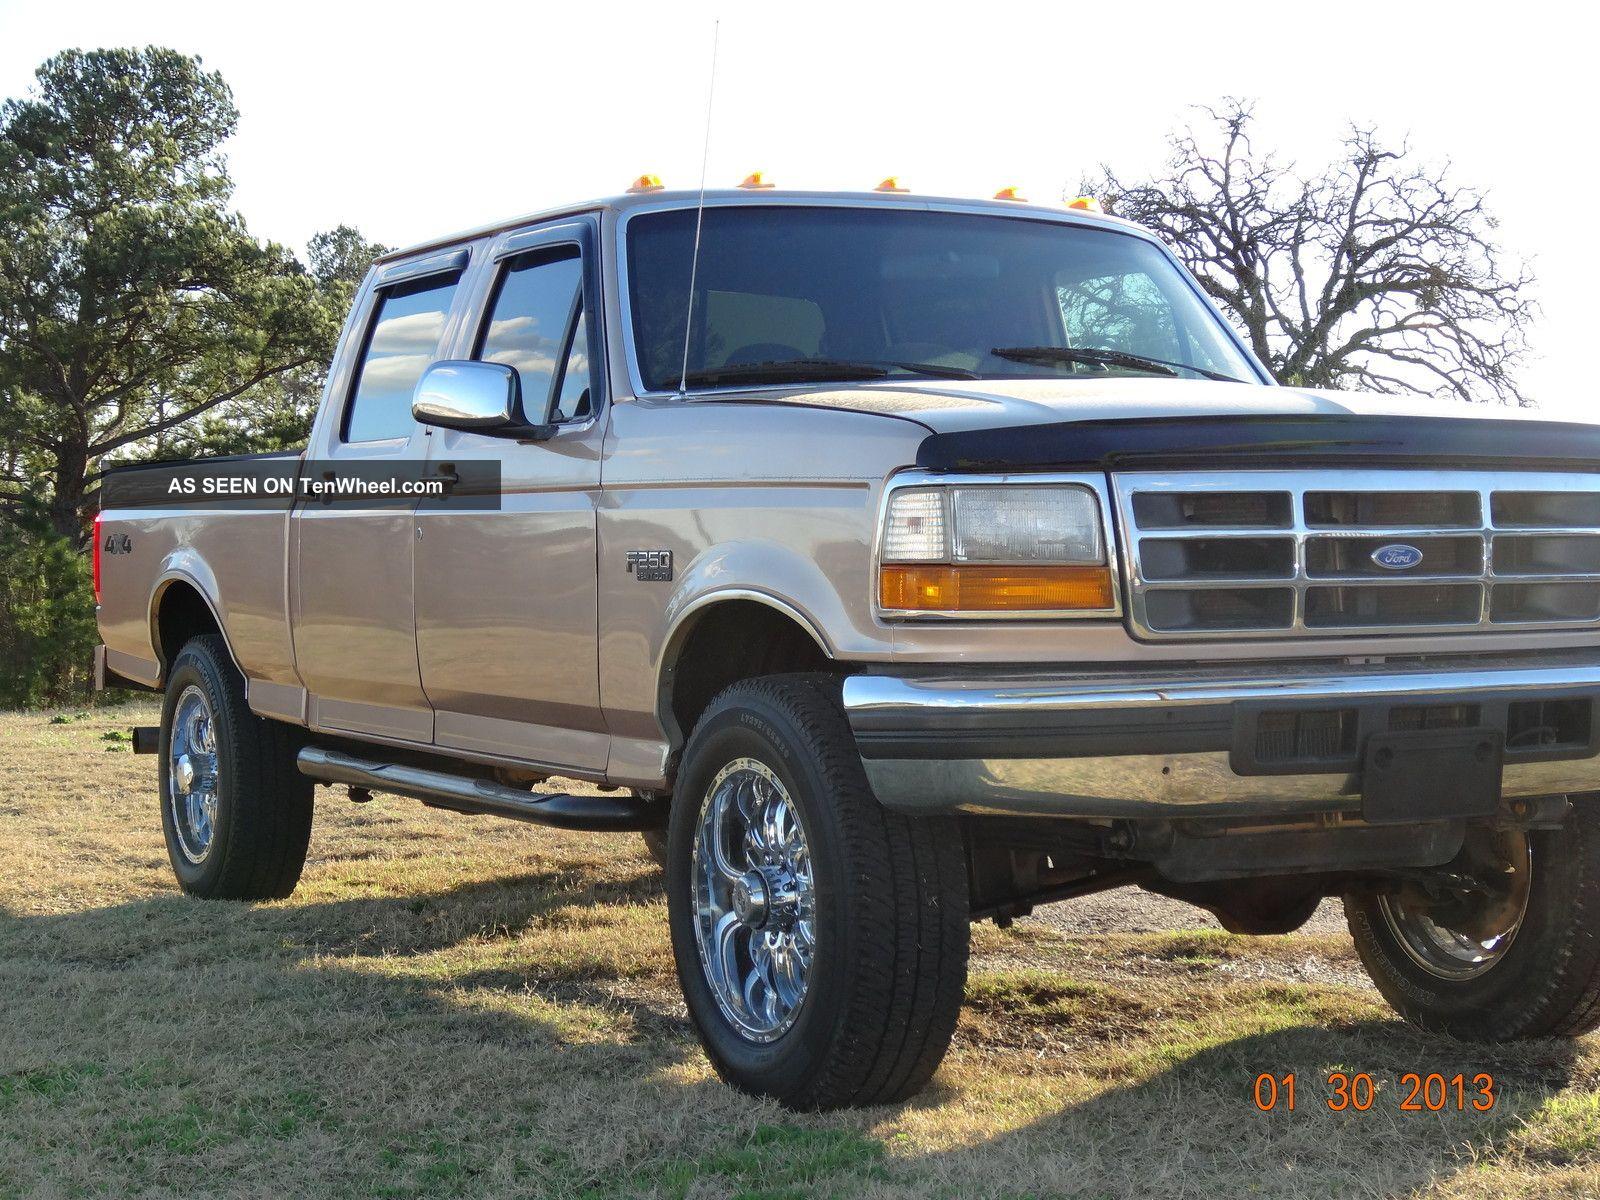 1997 ford f150 stepside 4x4 for sale in missouri autos weblog. Black Bedroom Furniture Sets. Home Design Ideas